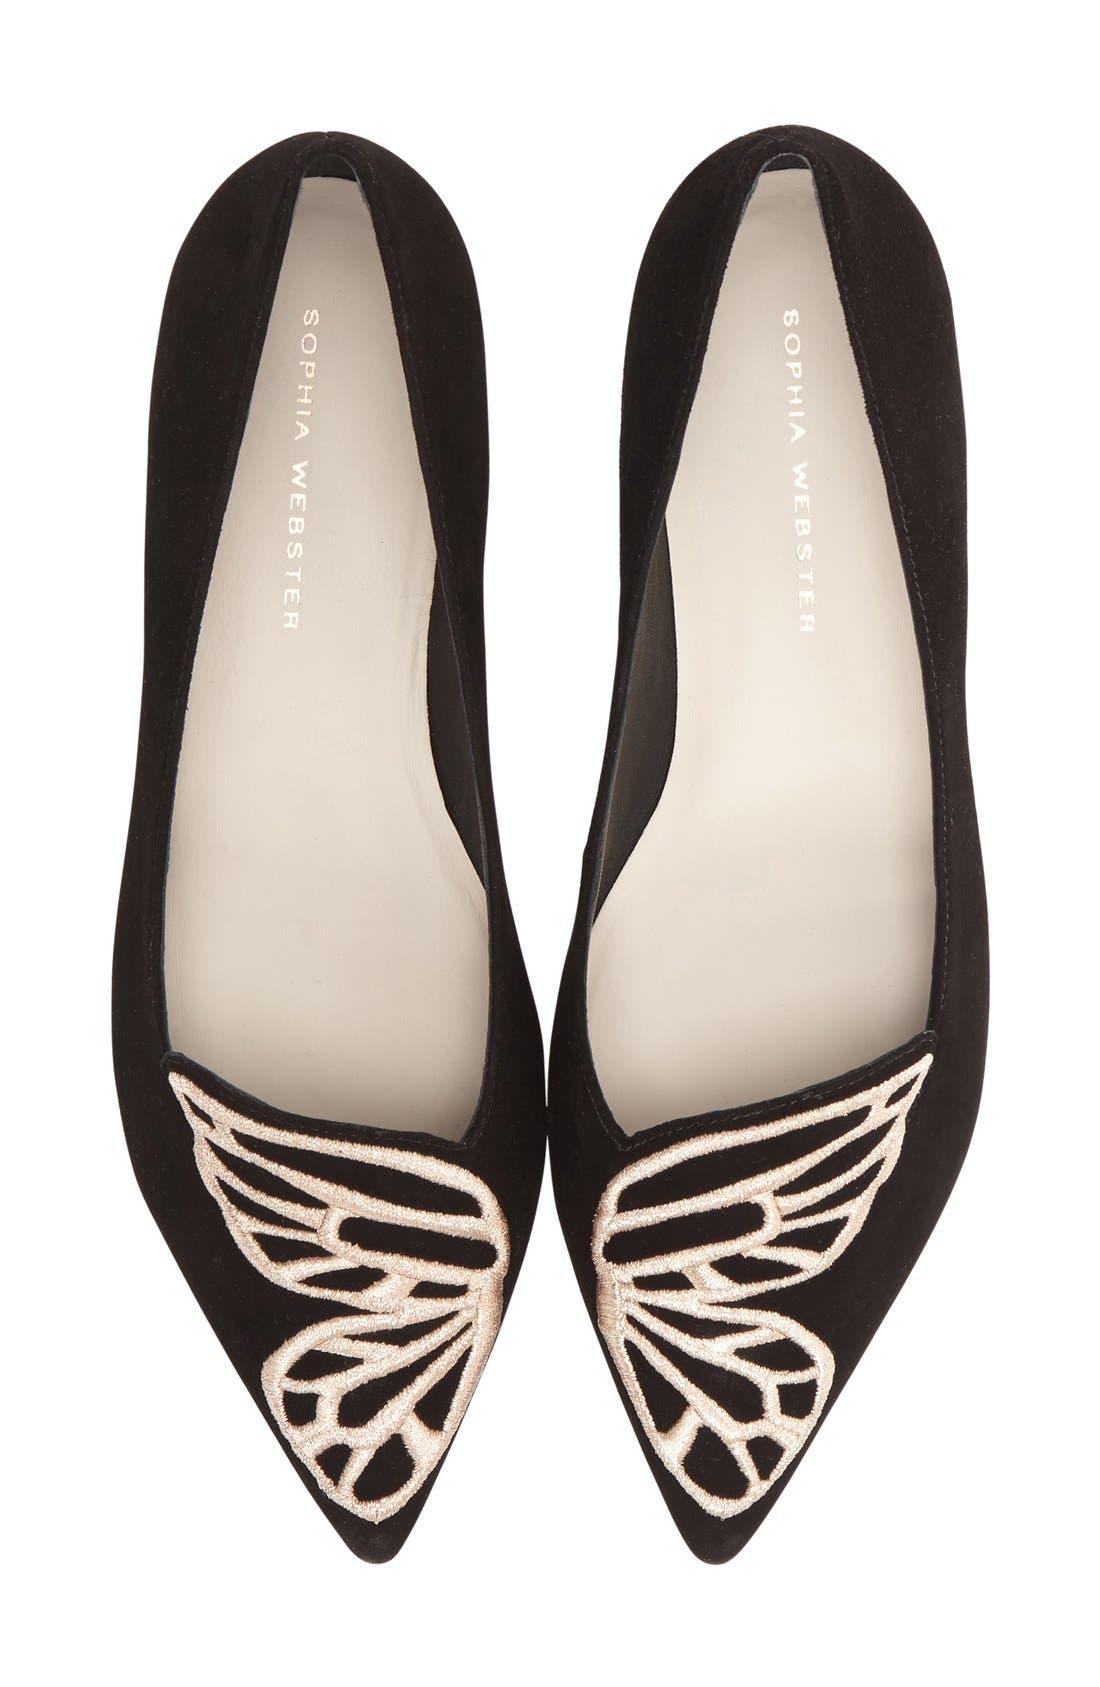 Sophia Webster 'Bibi Butterfly' Pointy